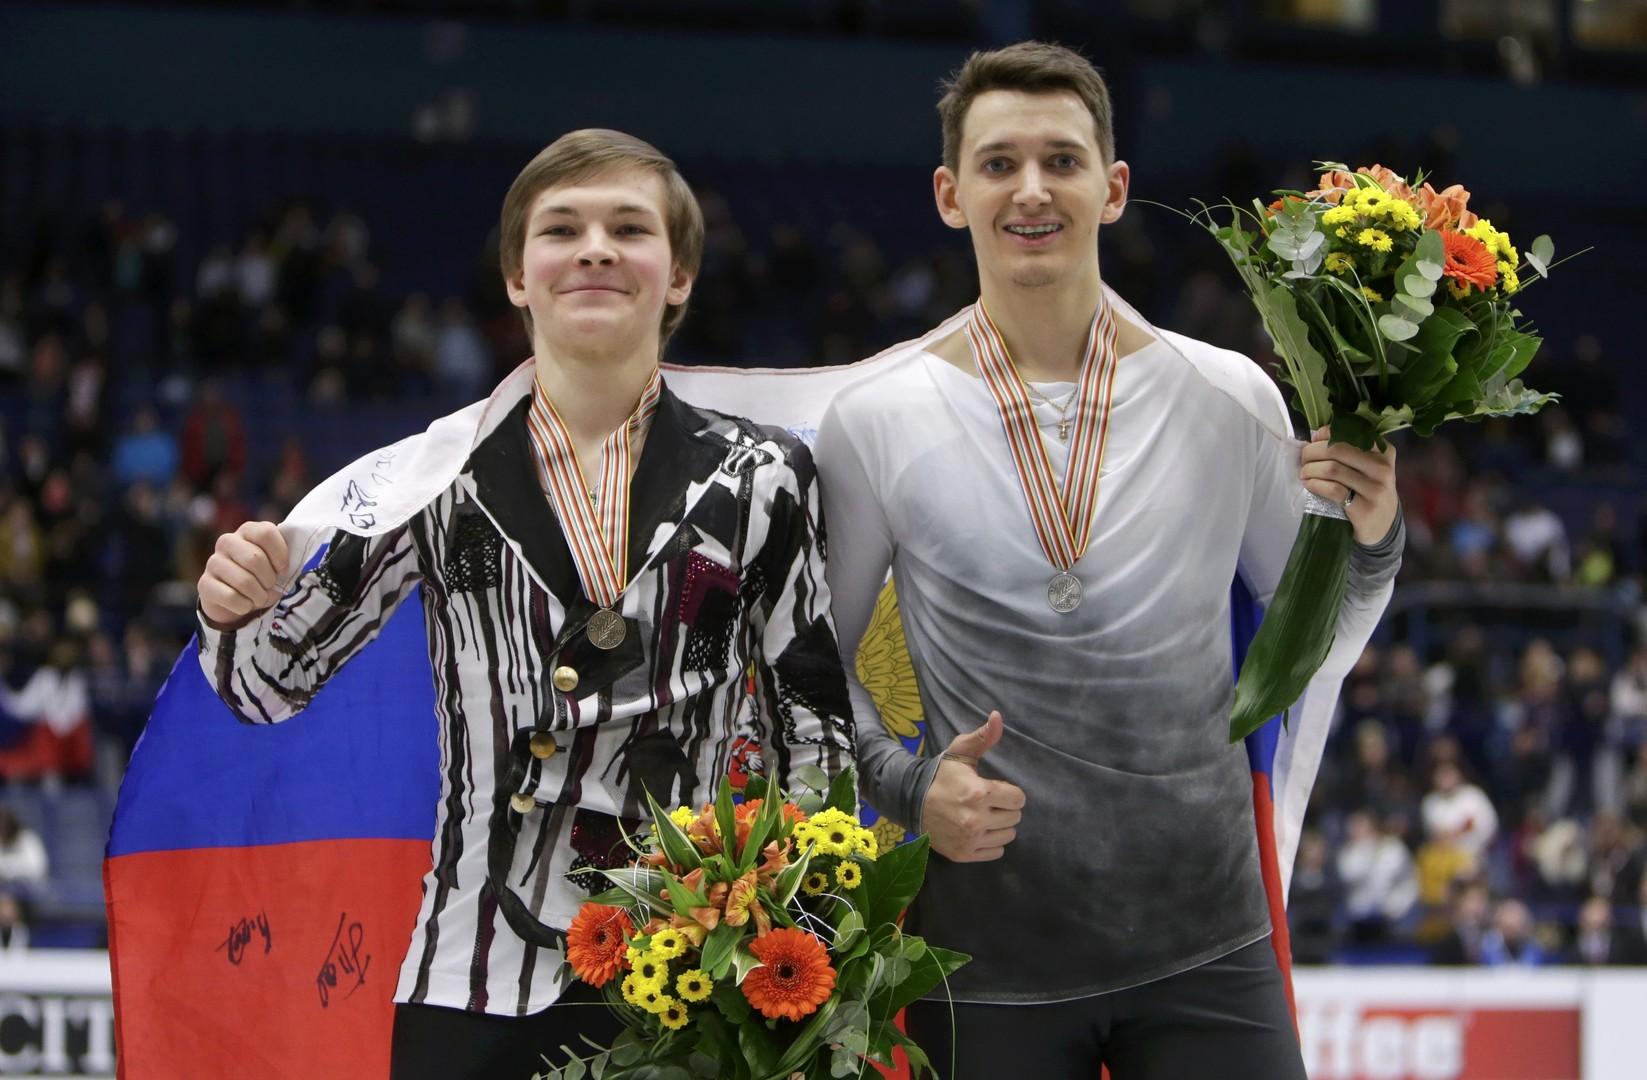 Возвращение Ковтуна, прорыв Коляды: российские фигуристы прокомментировали успех на ЧЕ